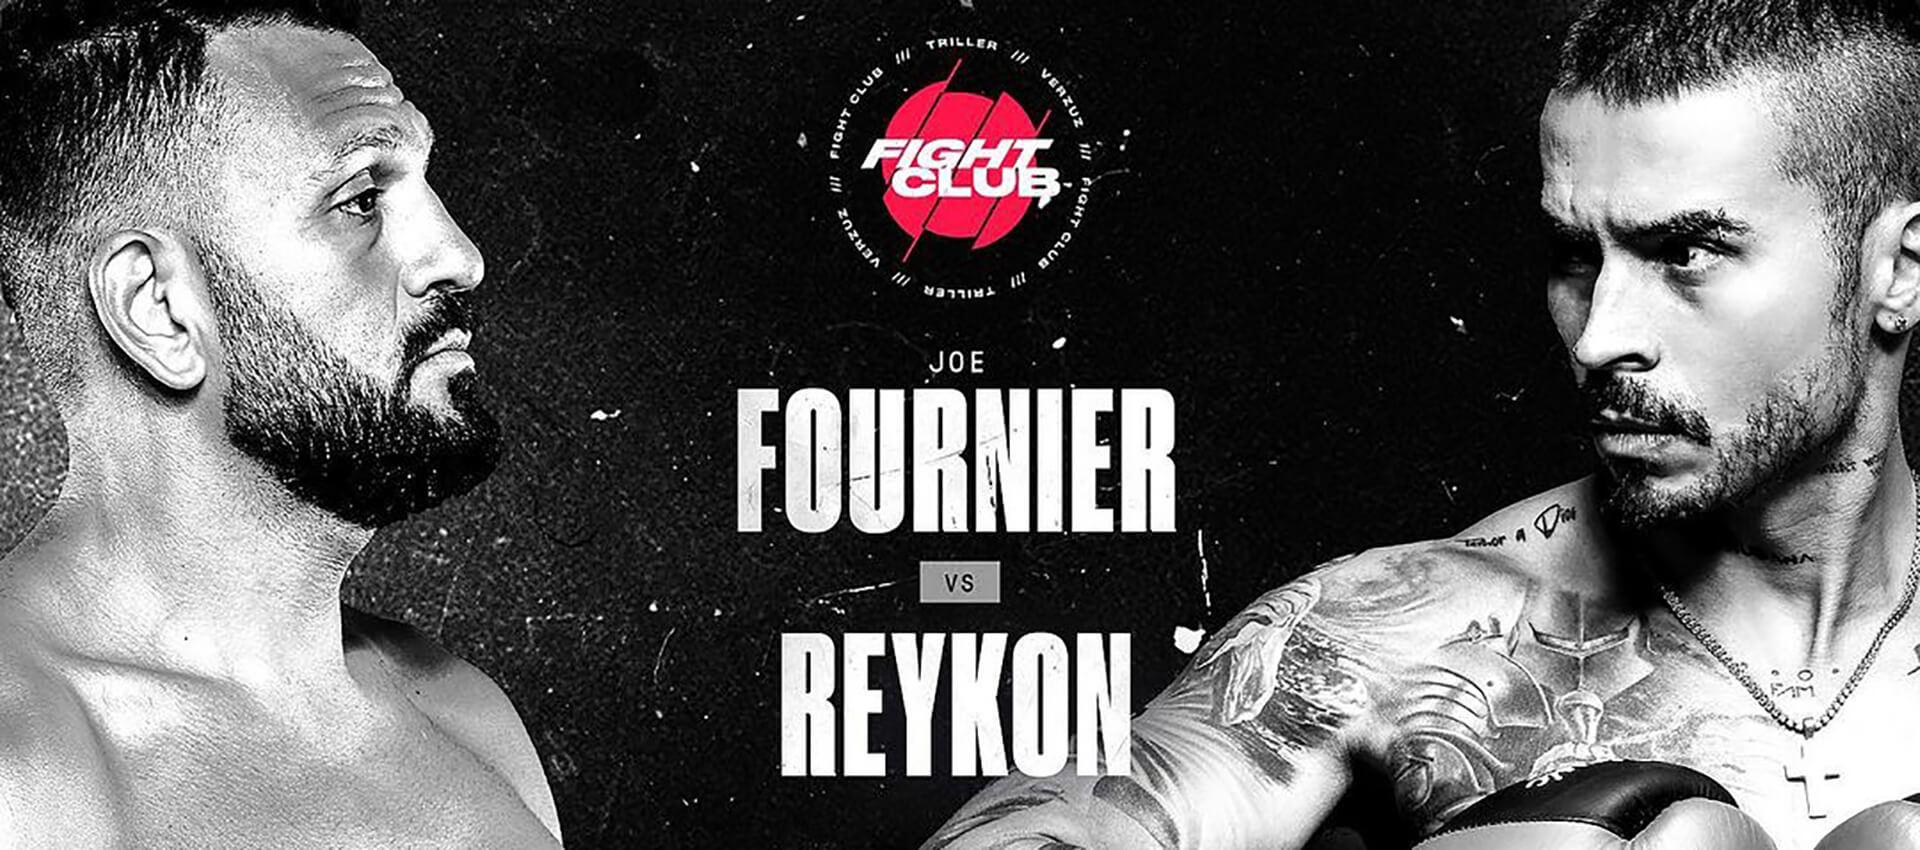 La Insólita Pelea Entre Reykon y un Boxeador Norteamericano